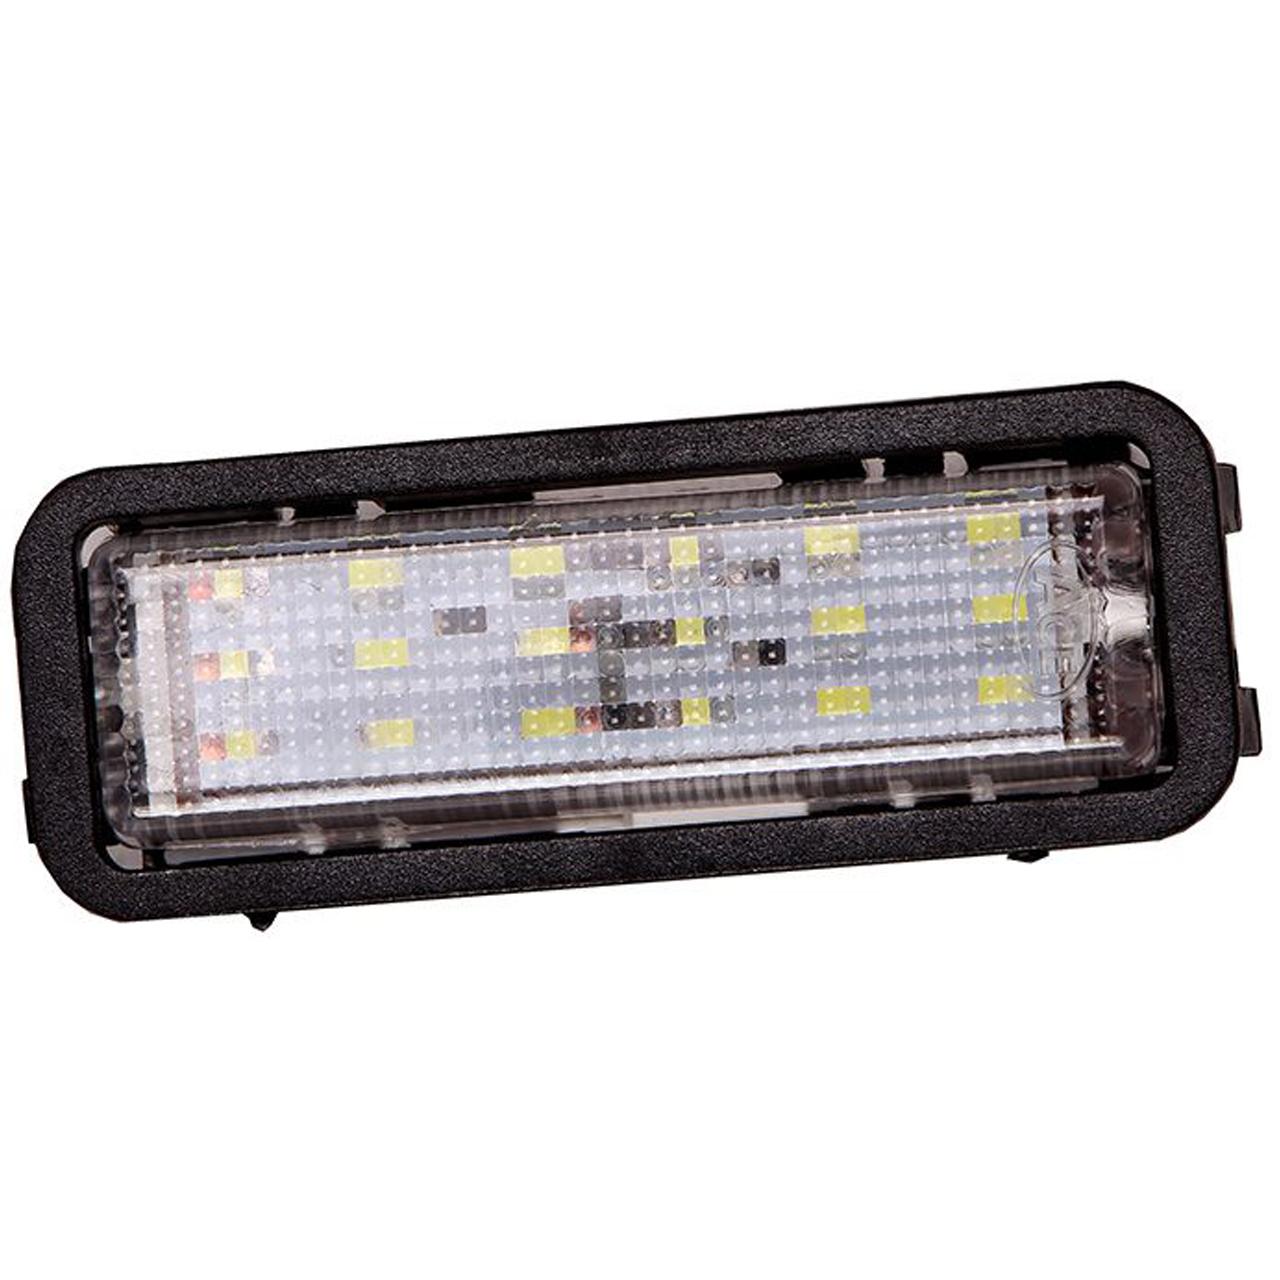 چراغ سقف خودرو مدل PEG45 مناسب برای پژو405